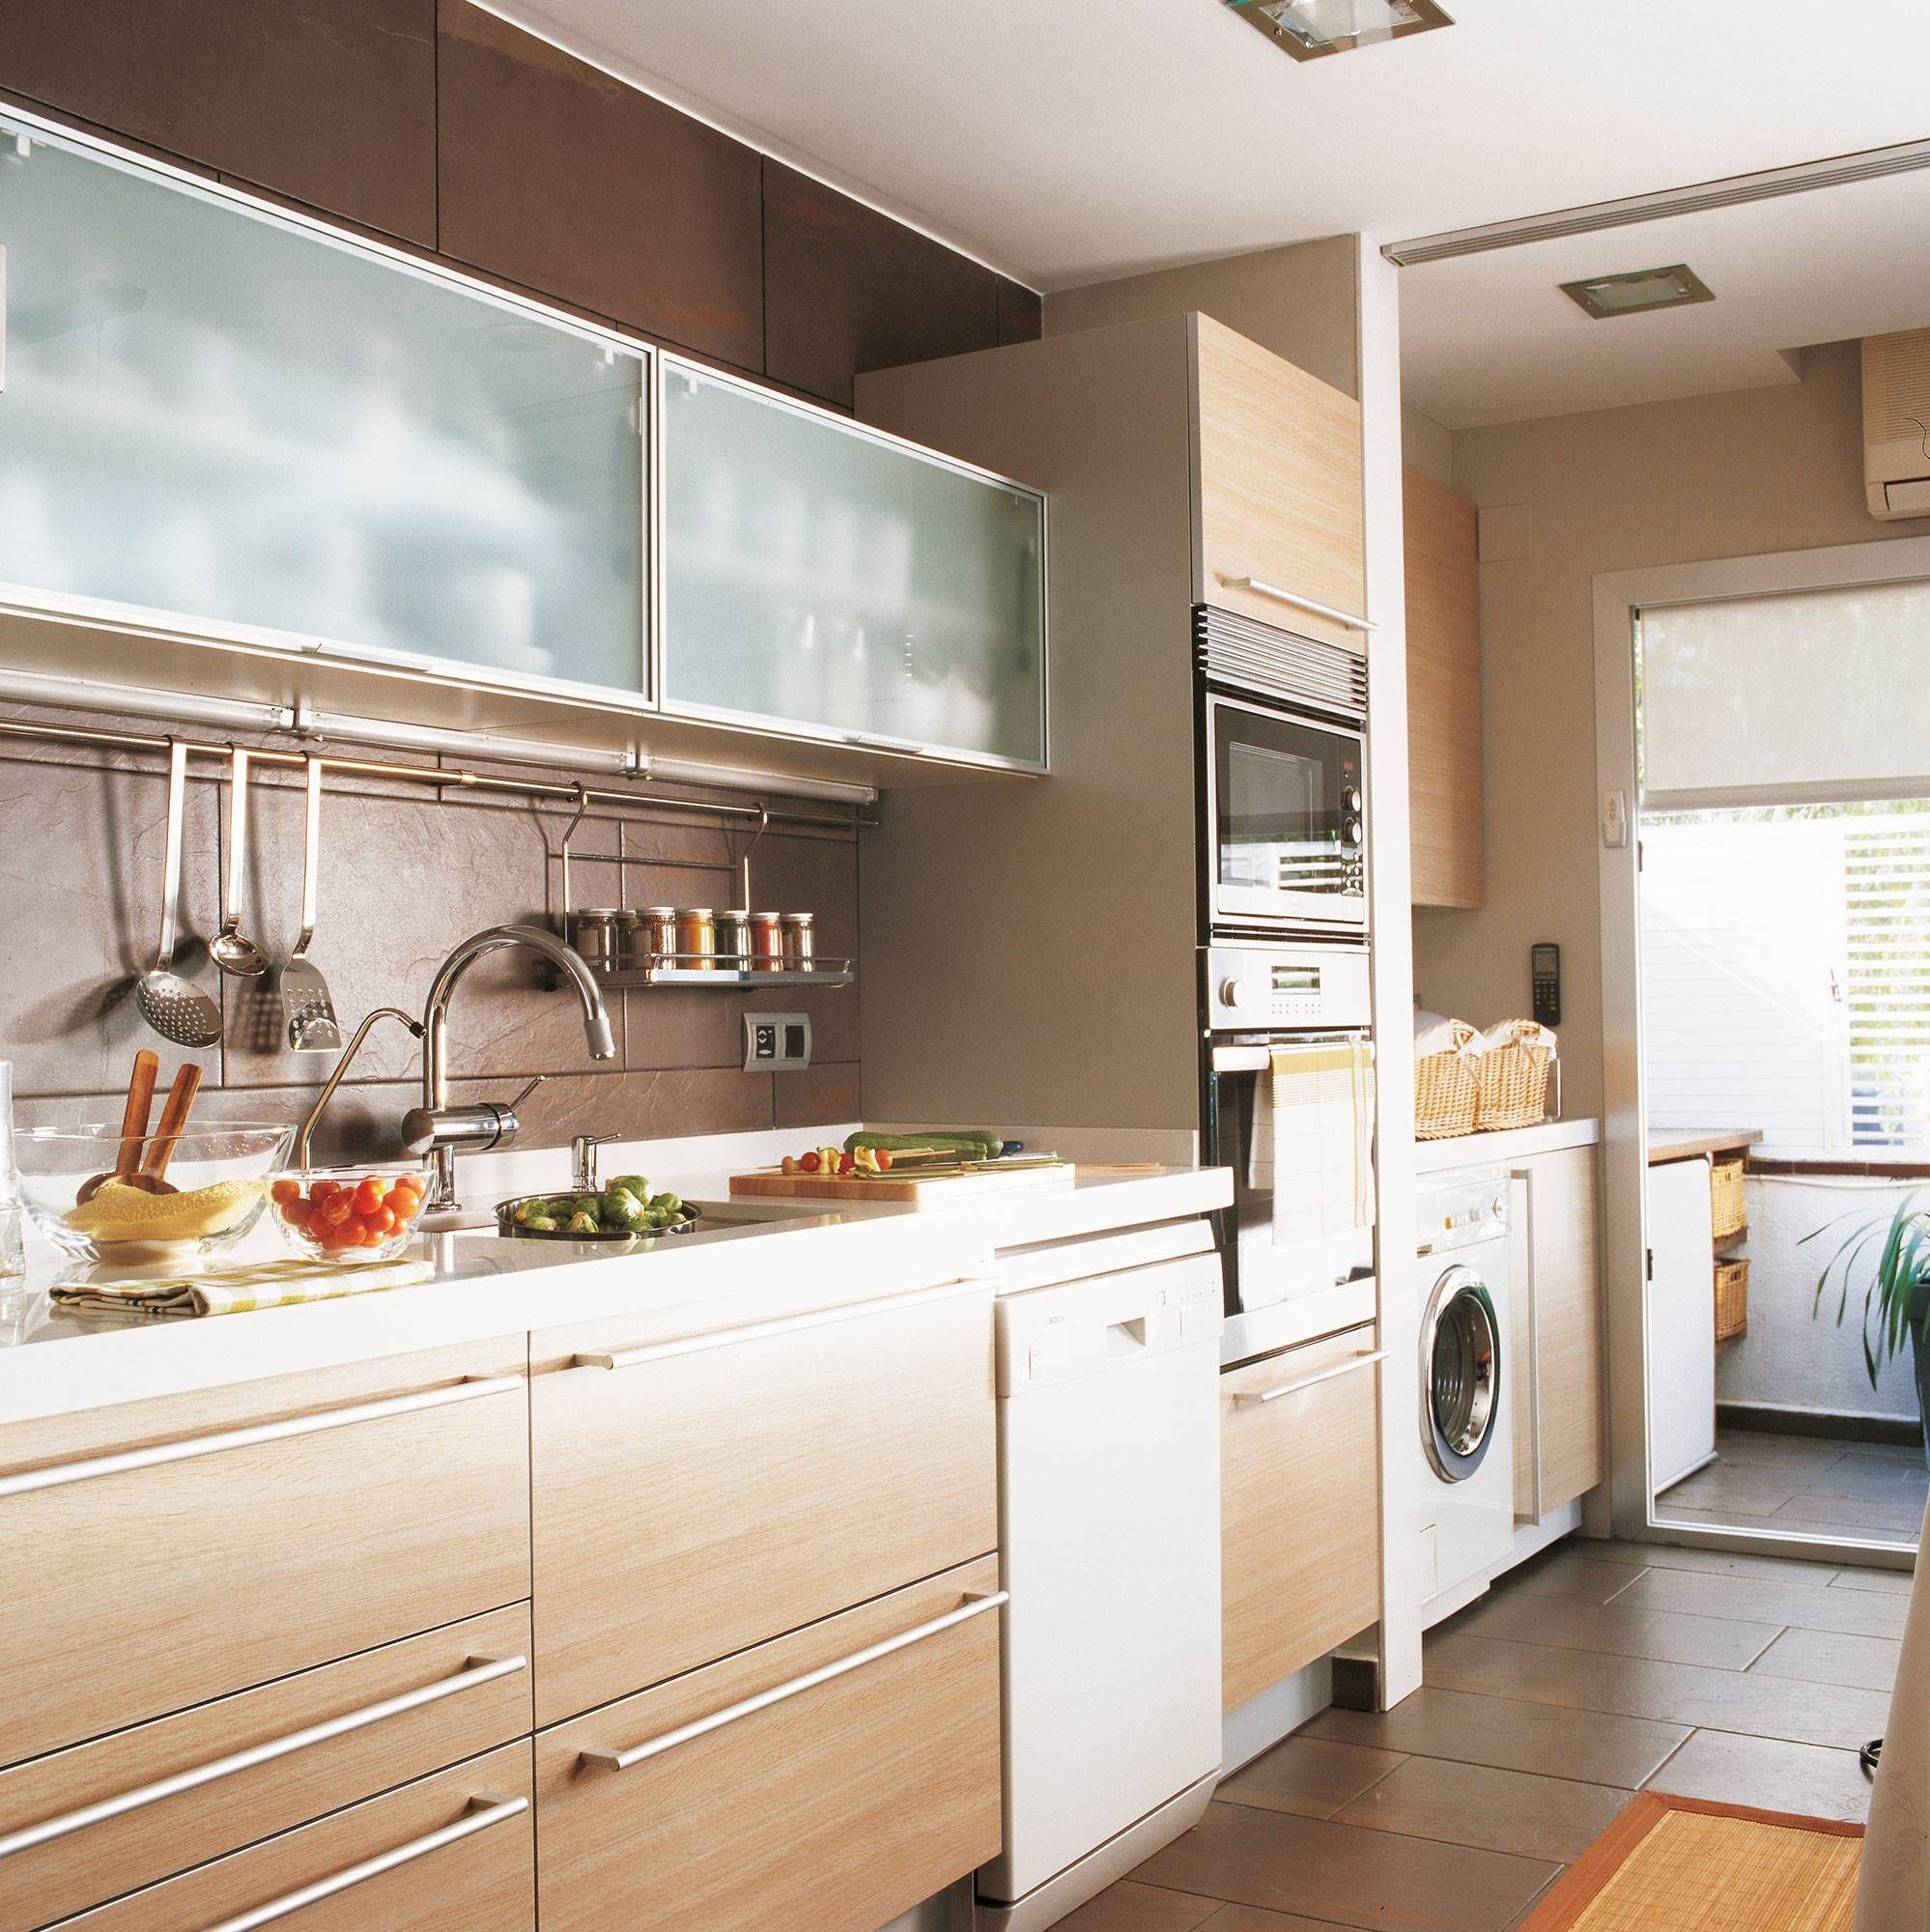 Dale un vistazo a la caldera en 2019 | Cocinas | Cocina con lavadero ...